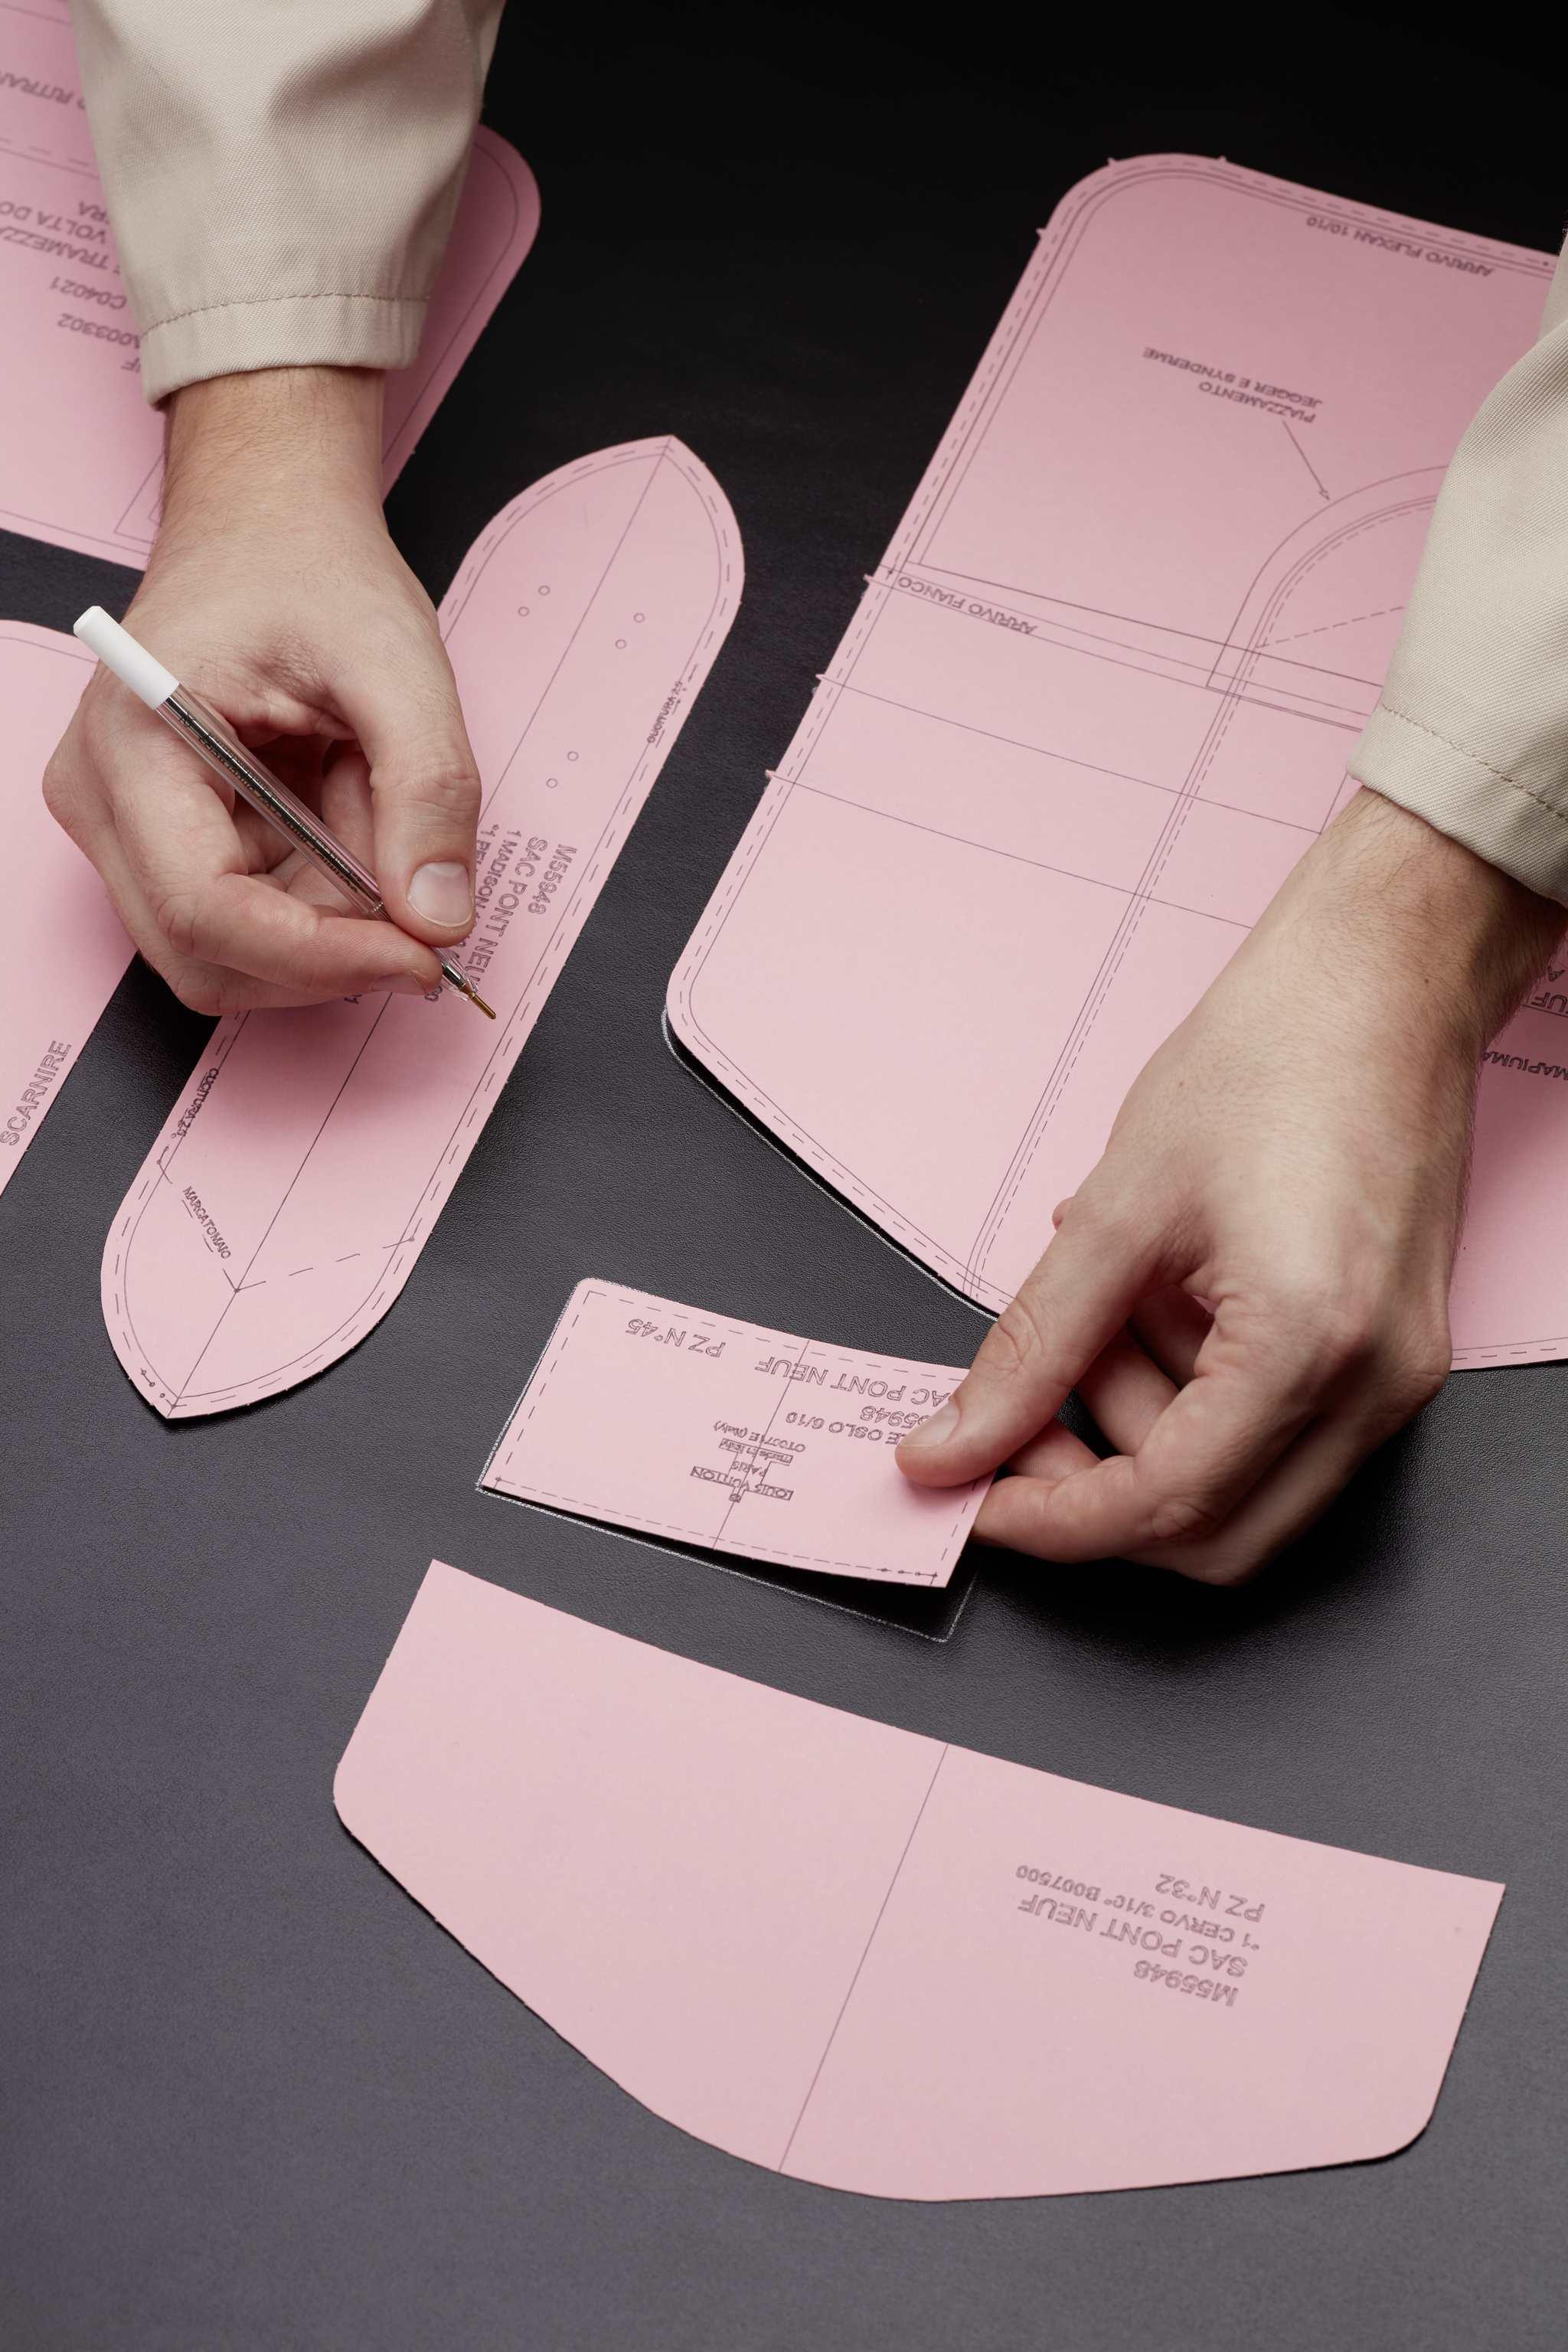 Elaboración del patrón y del trazado de la piel del LV Pont 9.